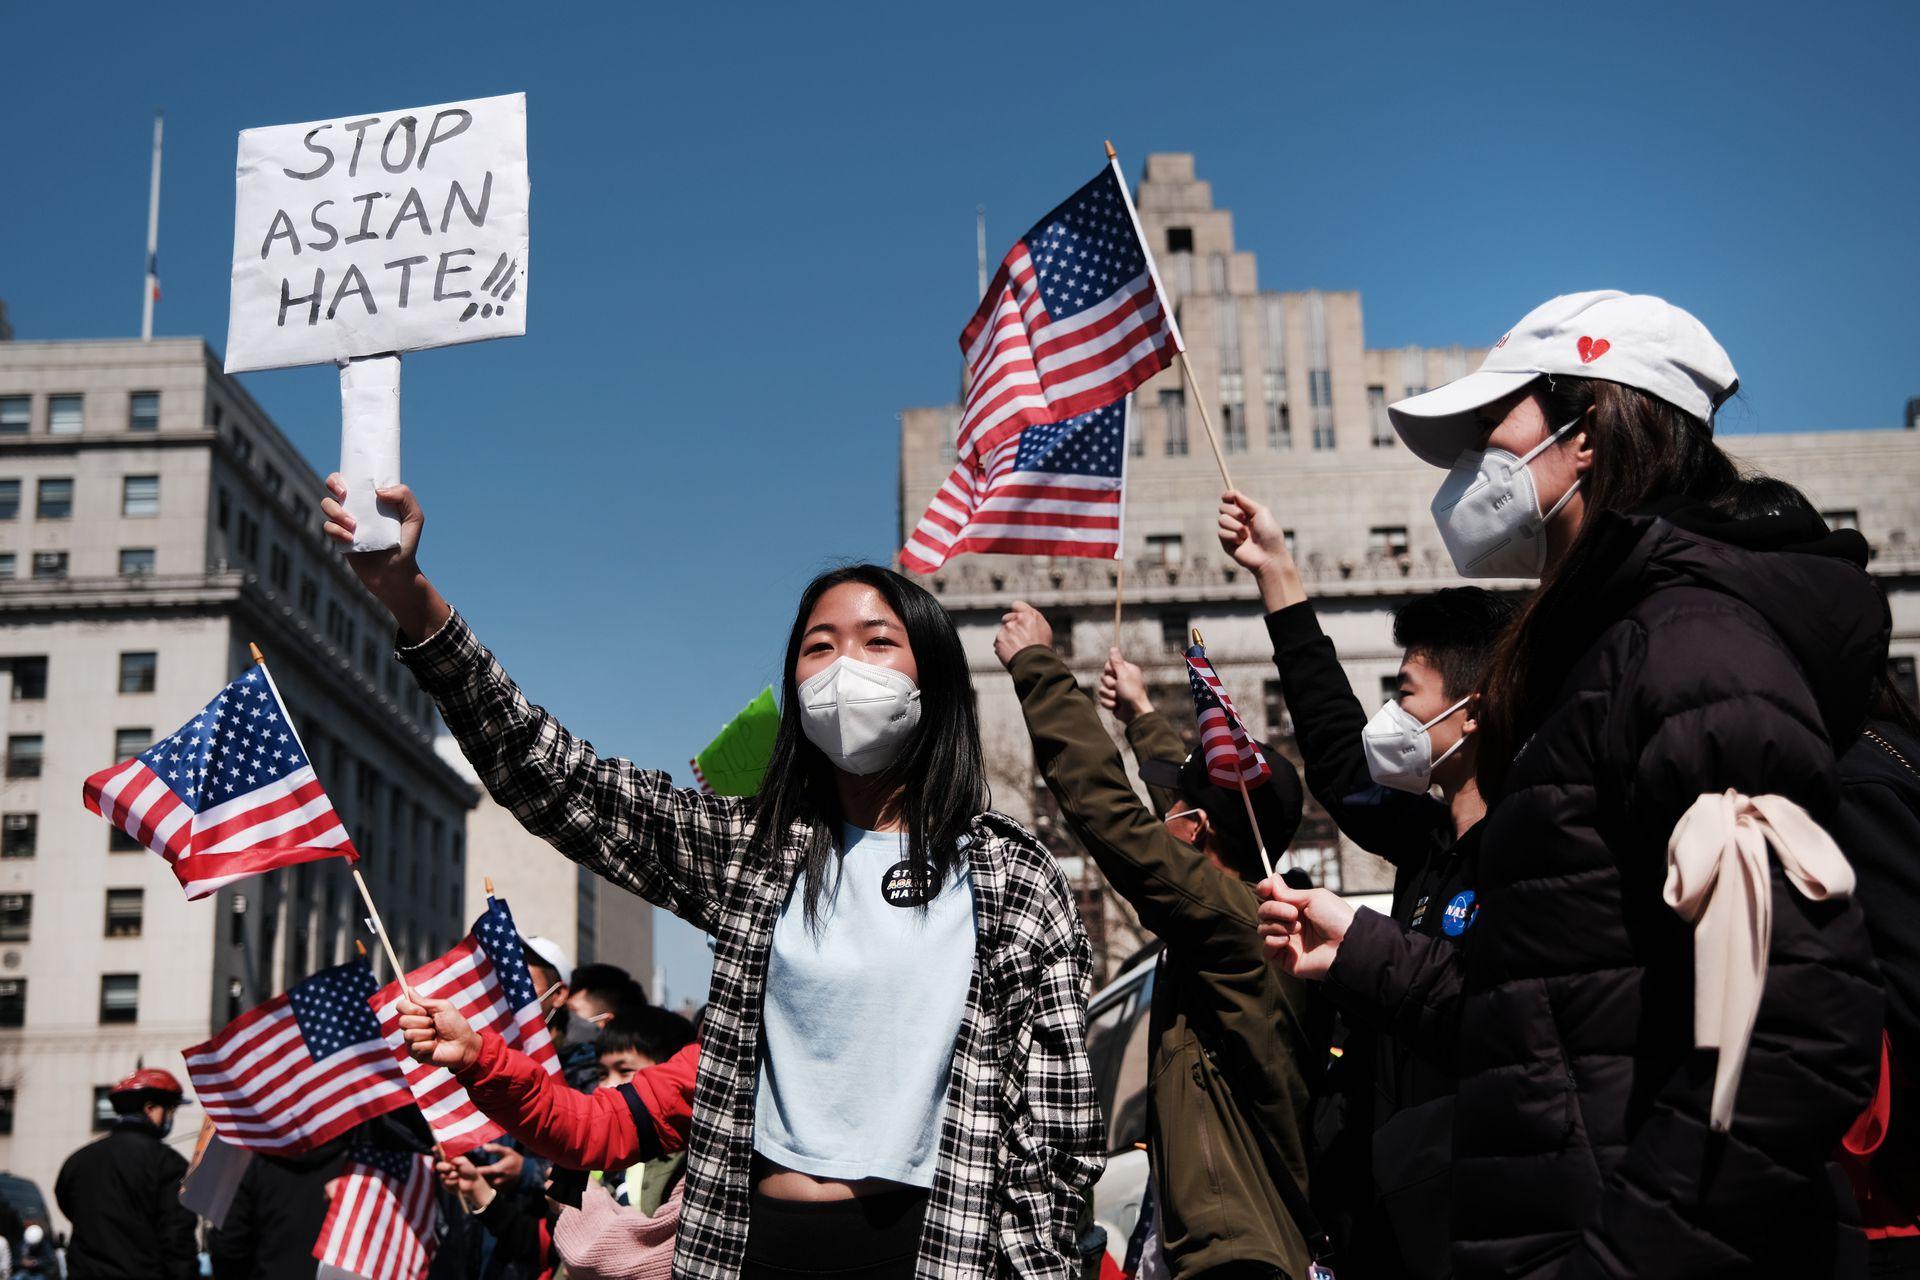 美国参议院通过法案,打击反亚裔仇恨犯罪(图)